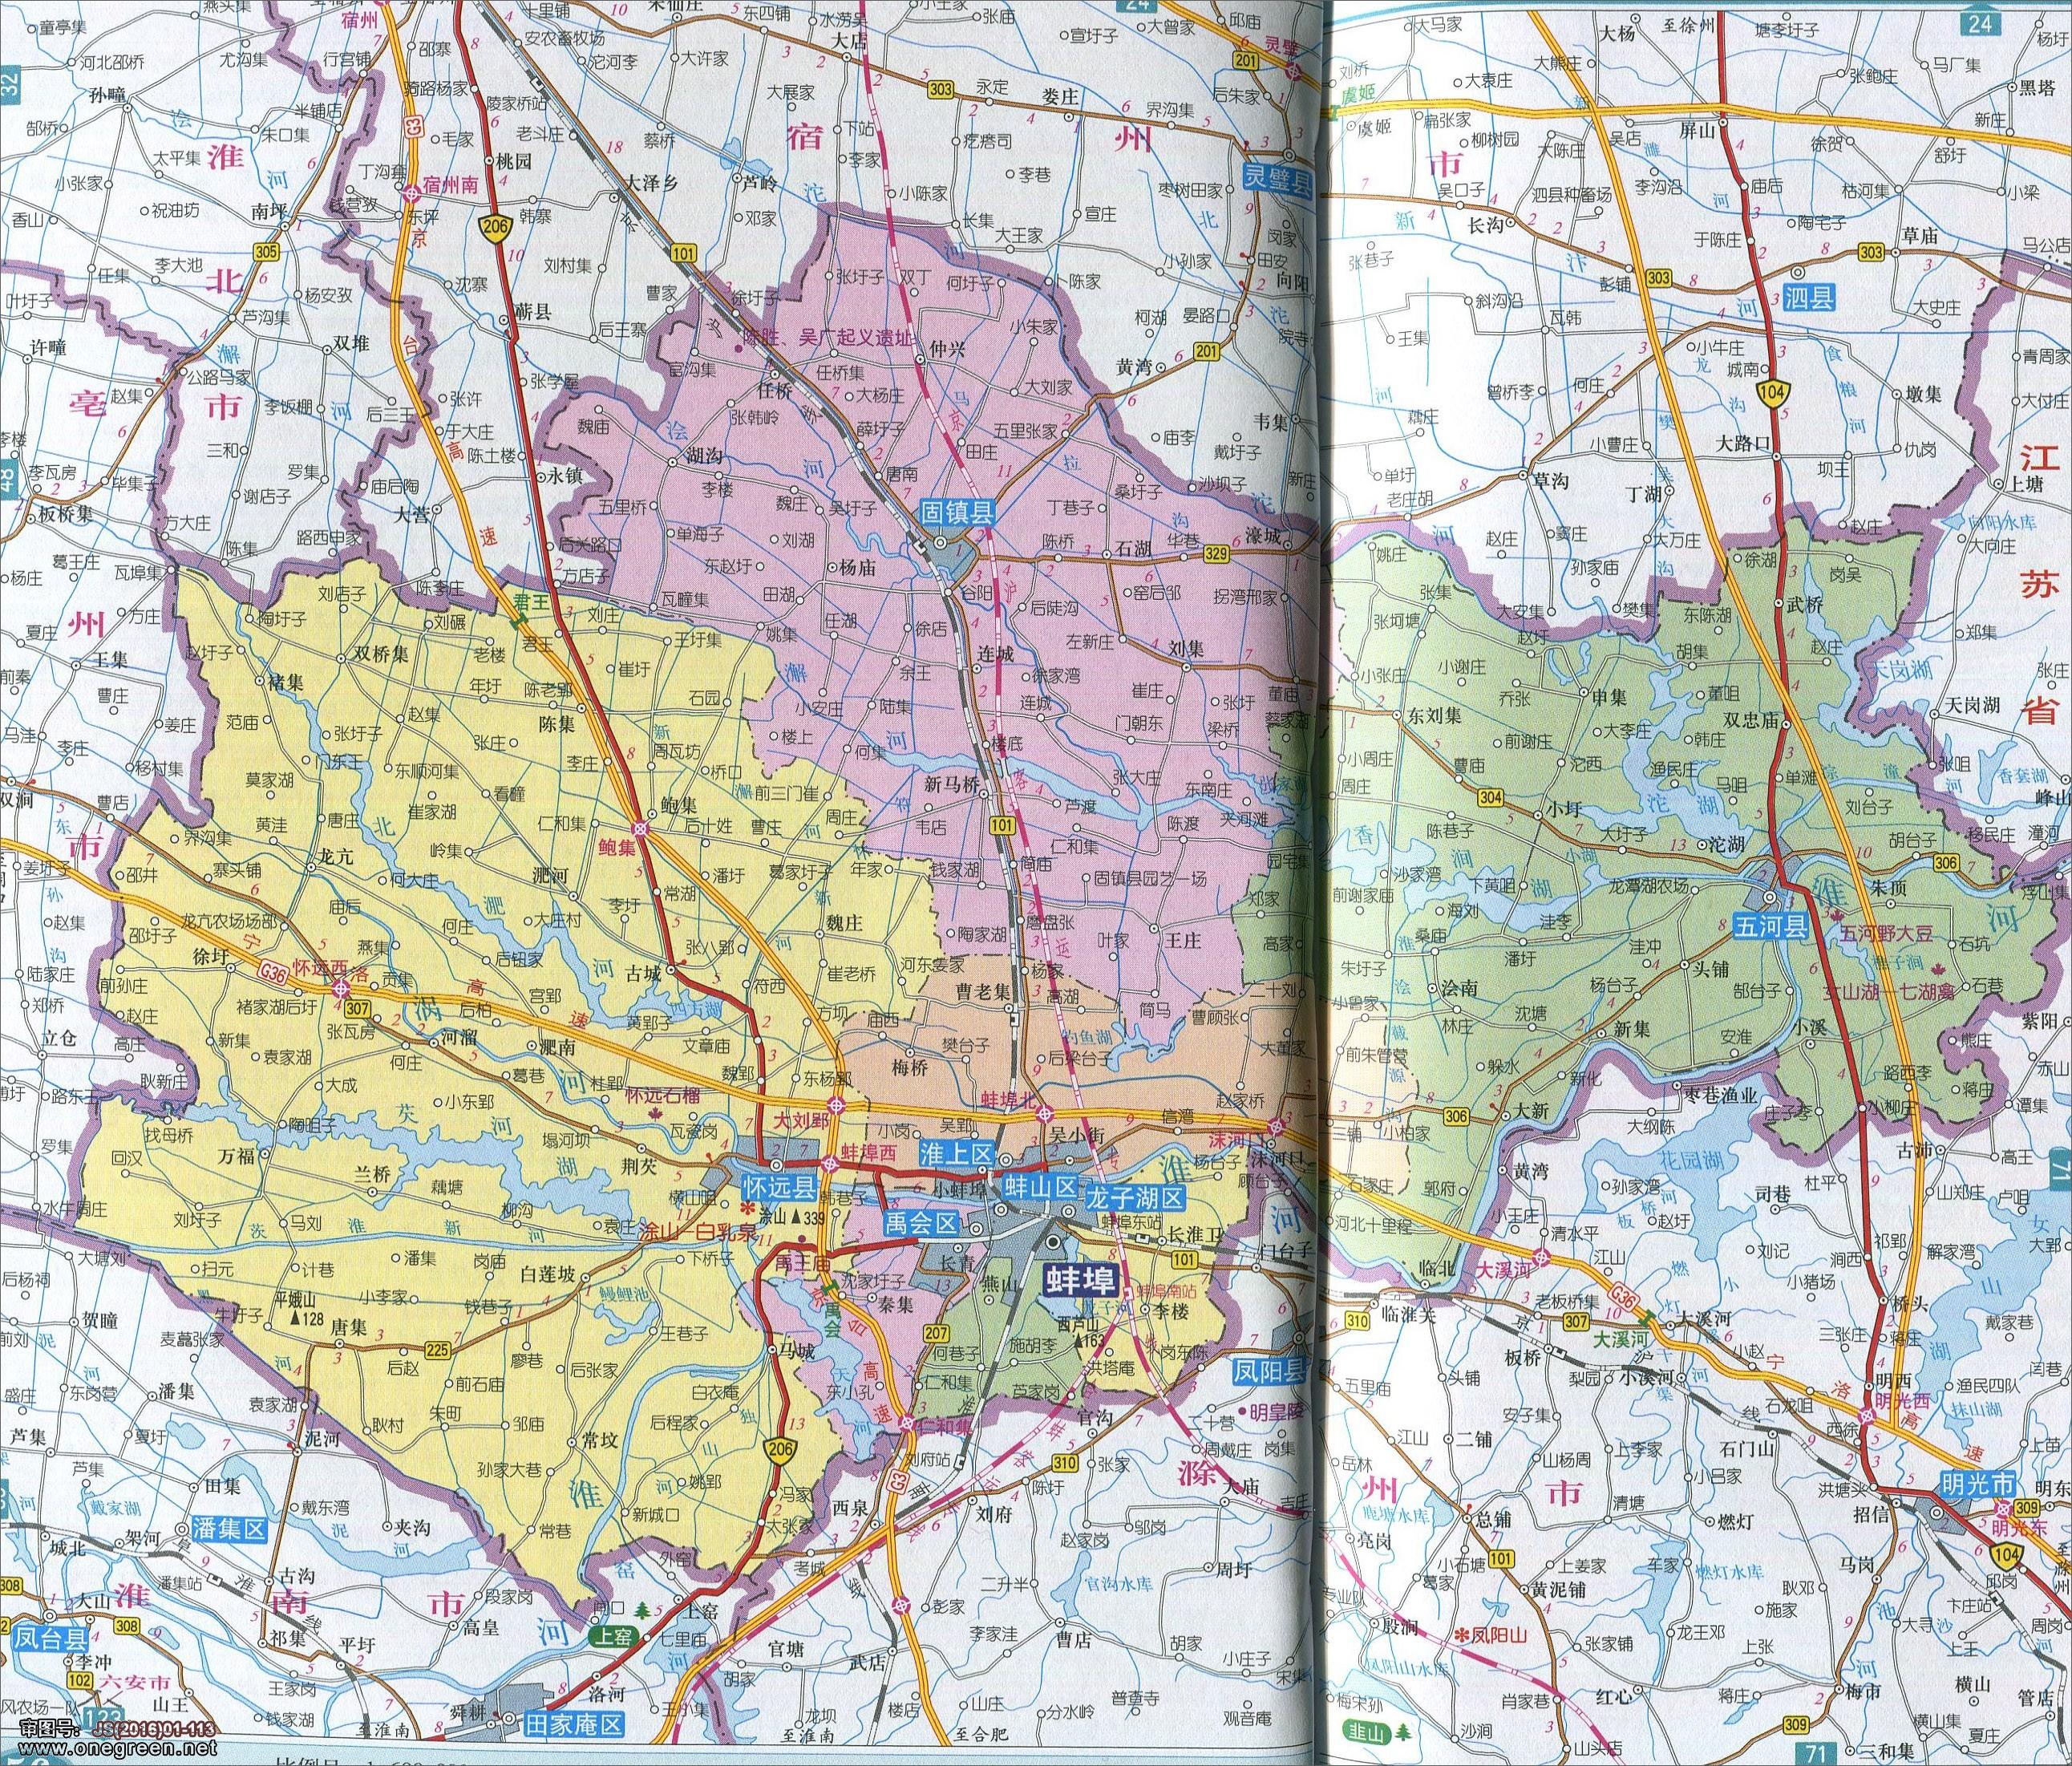 蚌埠市地图高清版